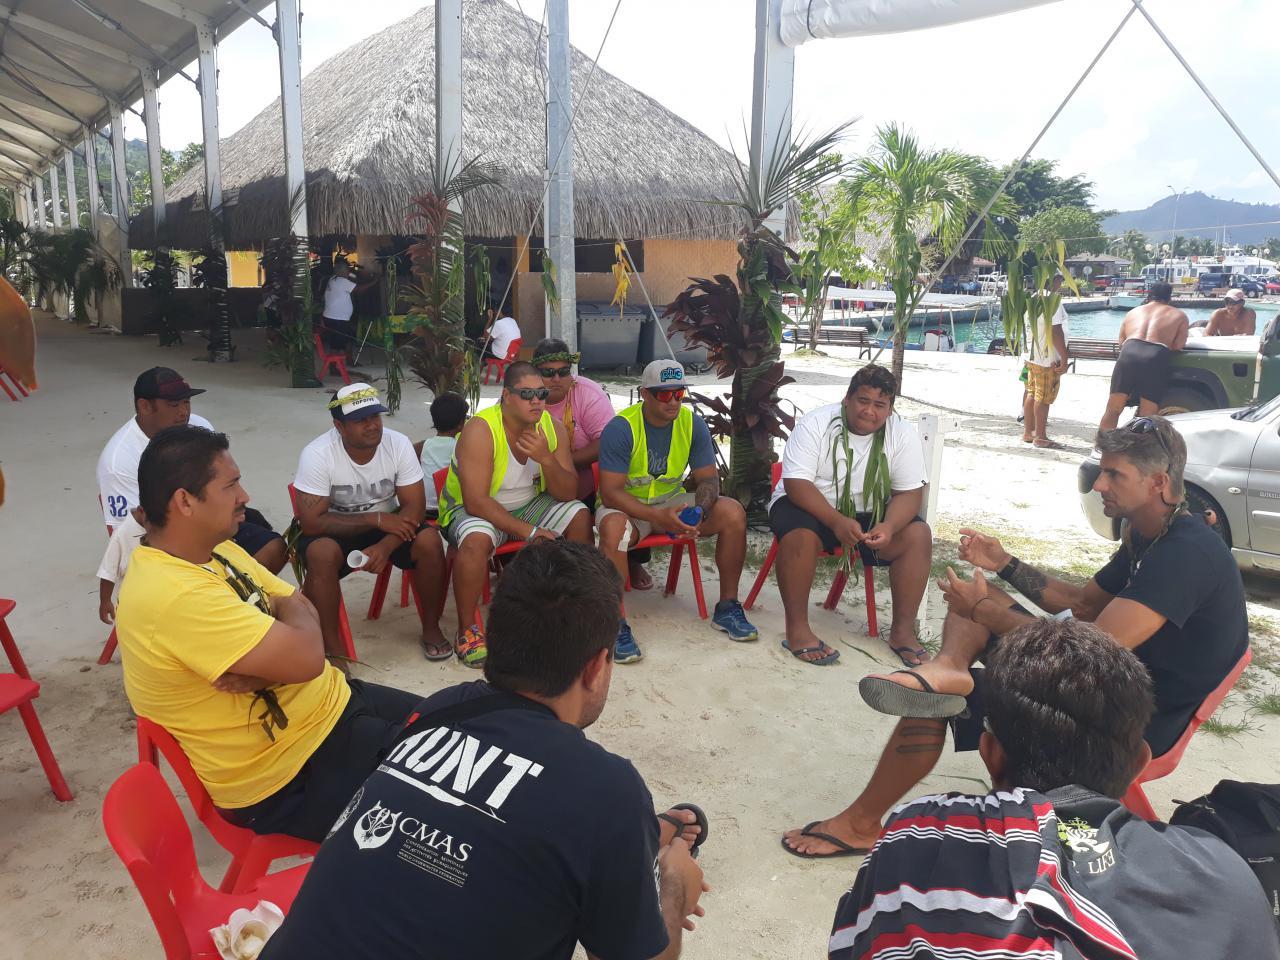 Du 10 mars au 5 avril, une campagne de sensibilisation a été menée à Bora Bora sur les accidents liés à la chasse sous-marine.